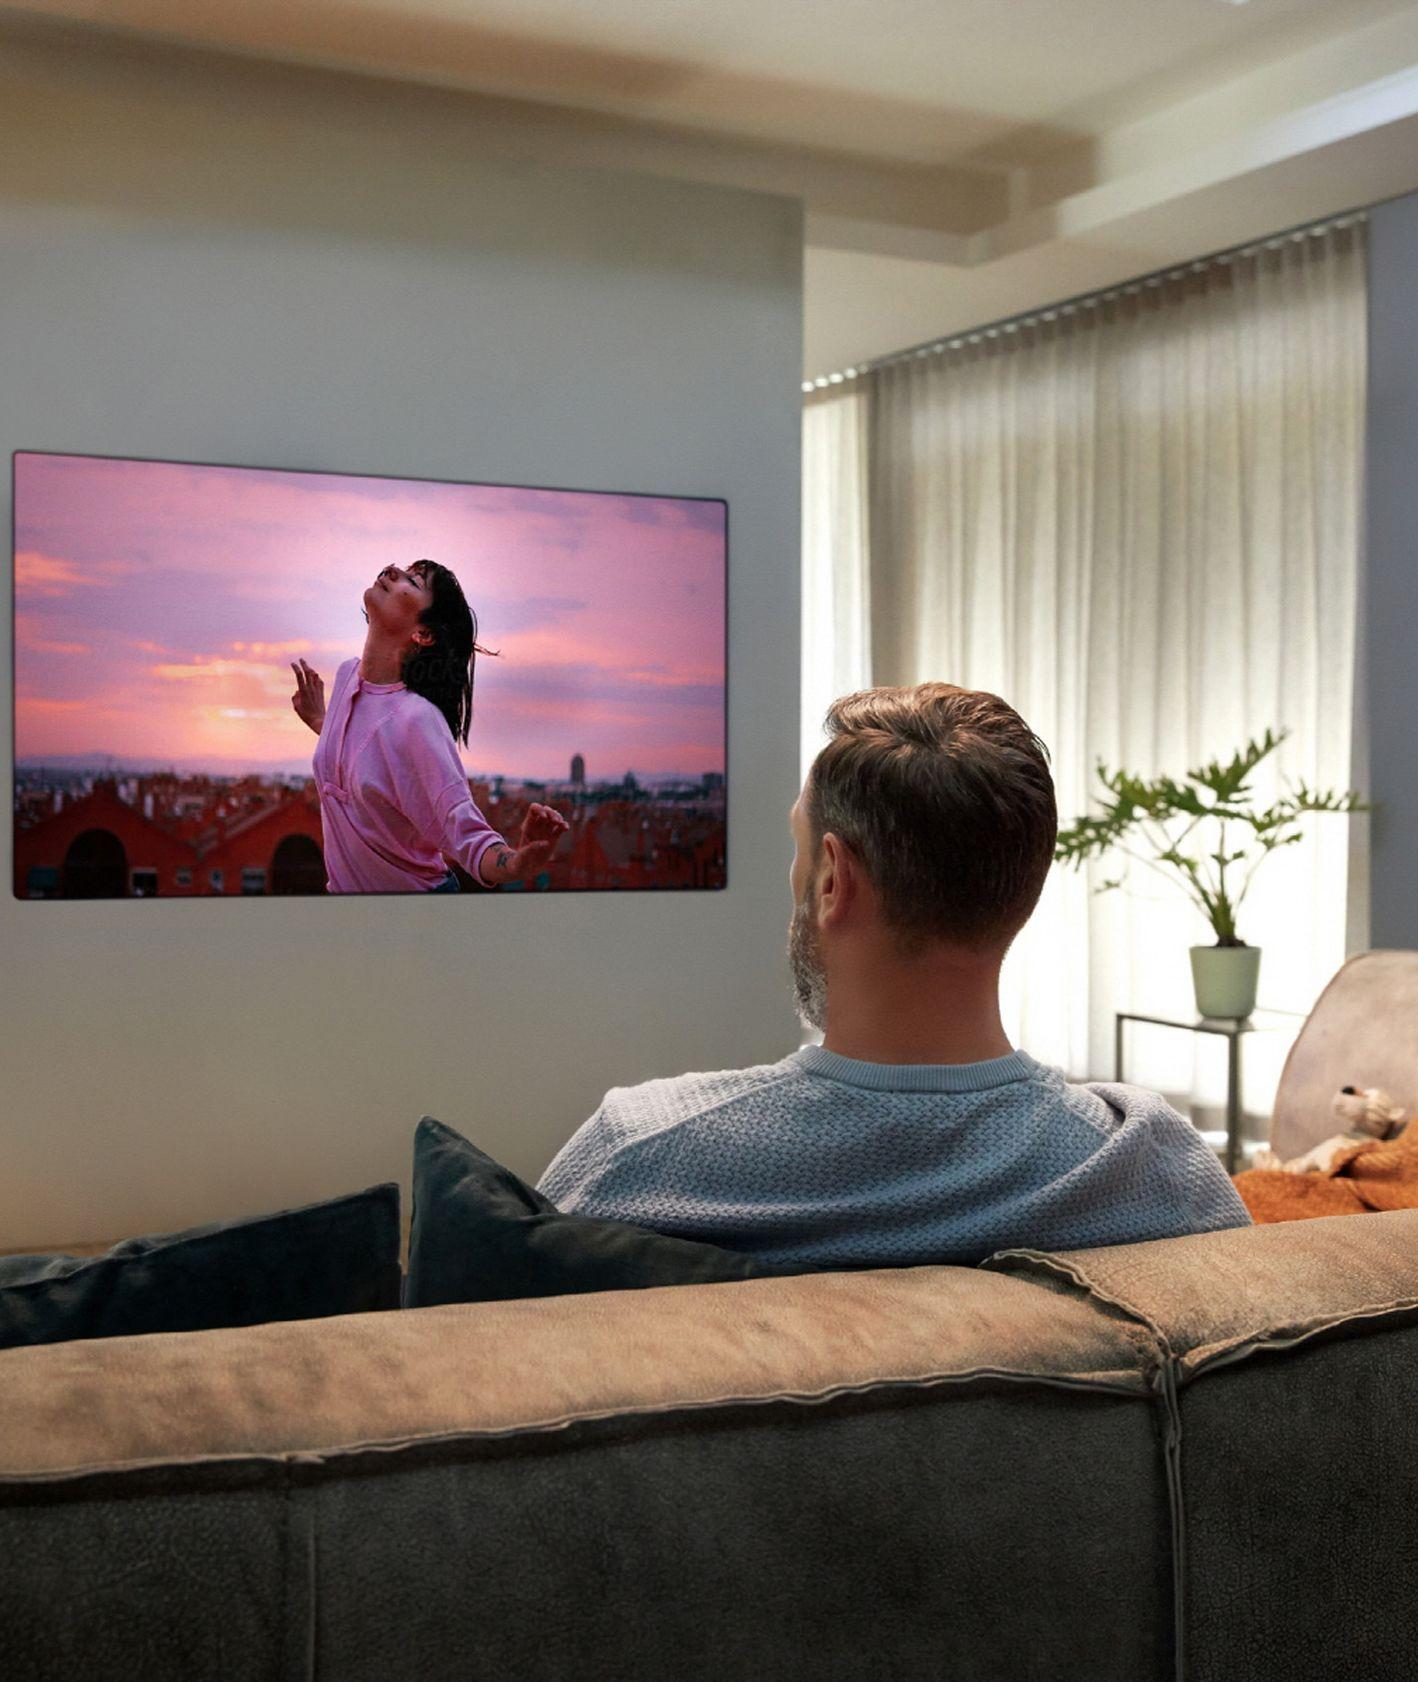 LG OLED. Pozytywne aspekty siedzenia przed telewizorem